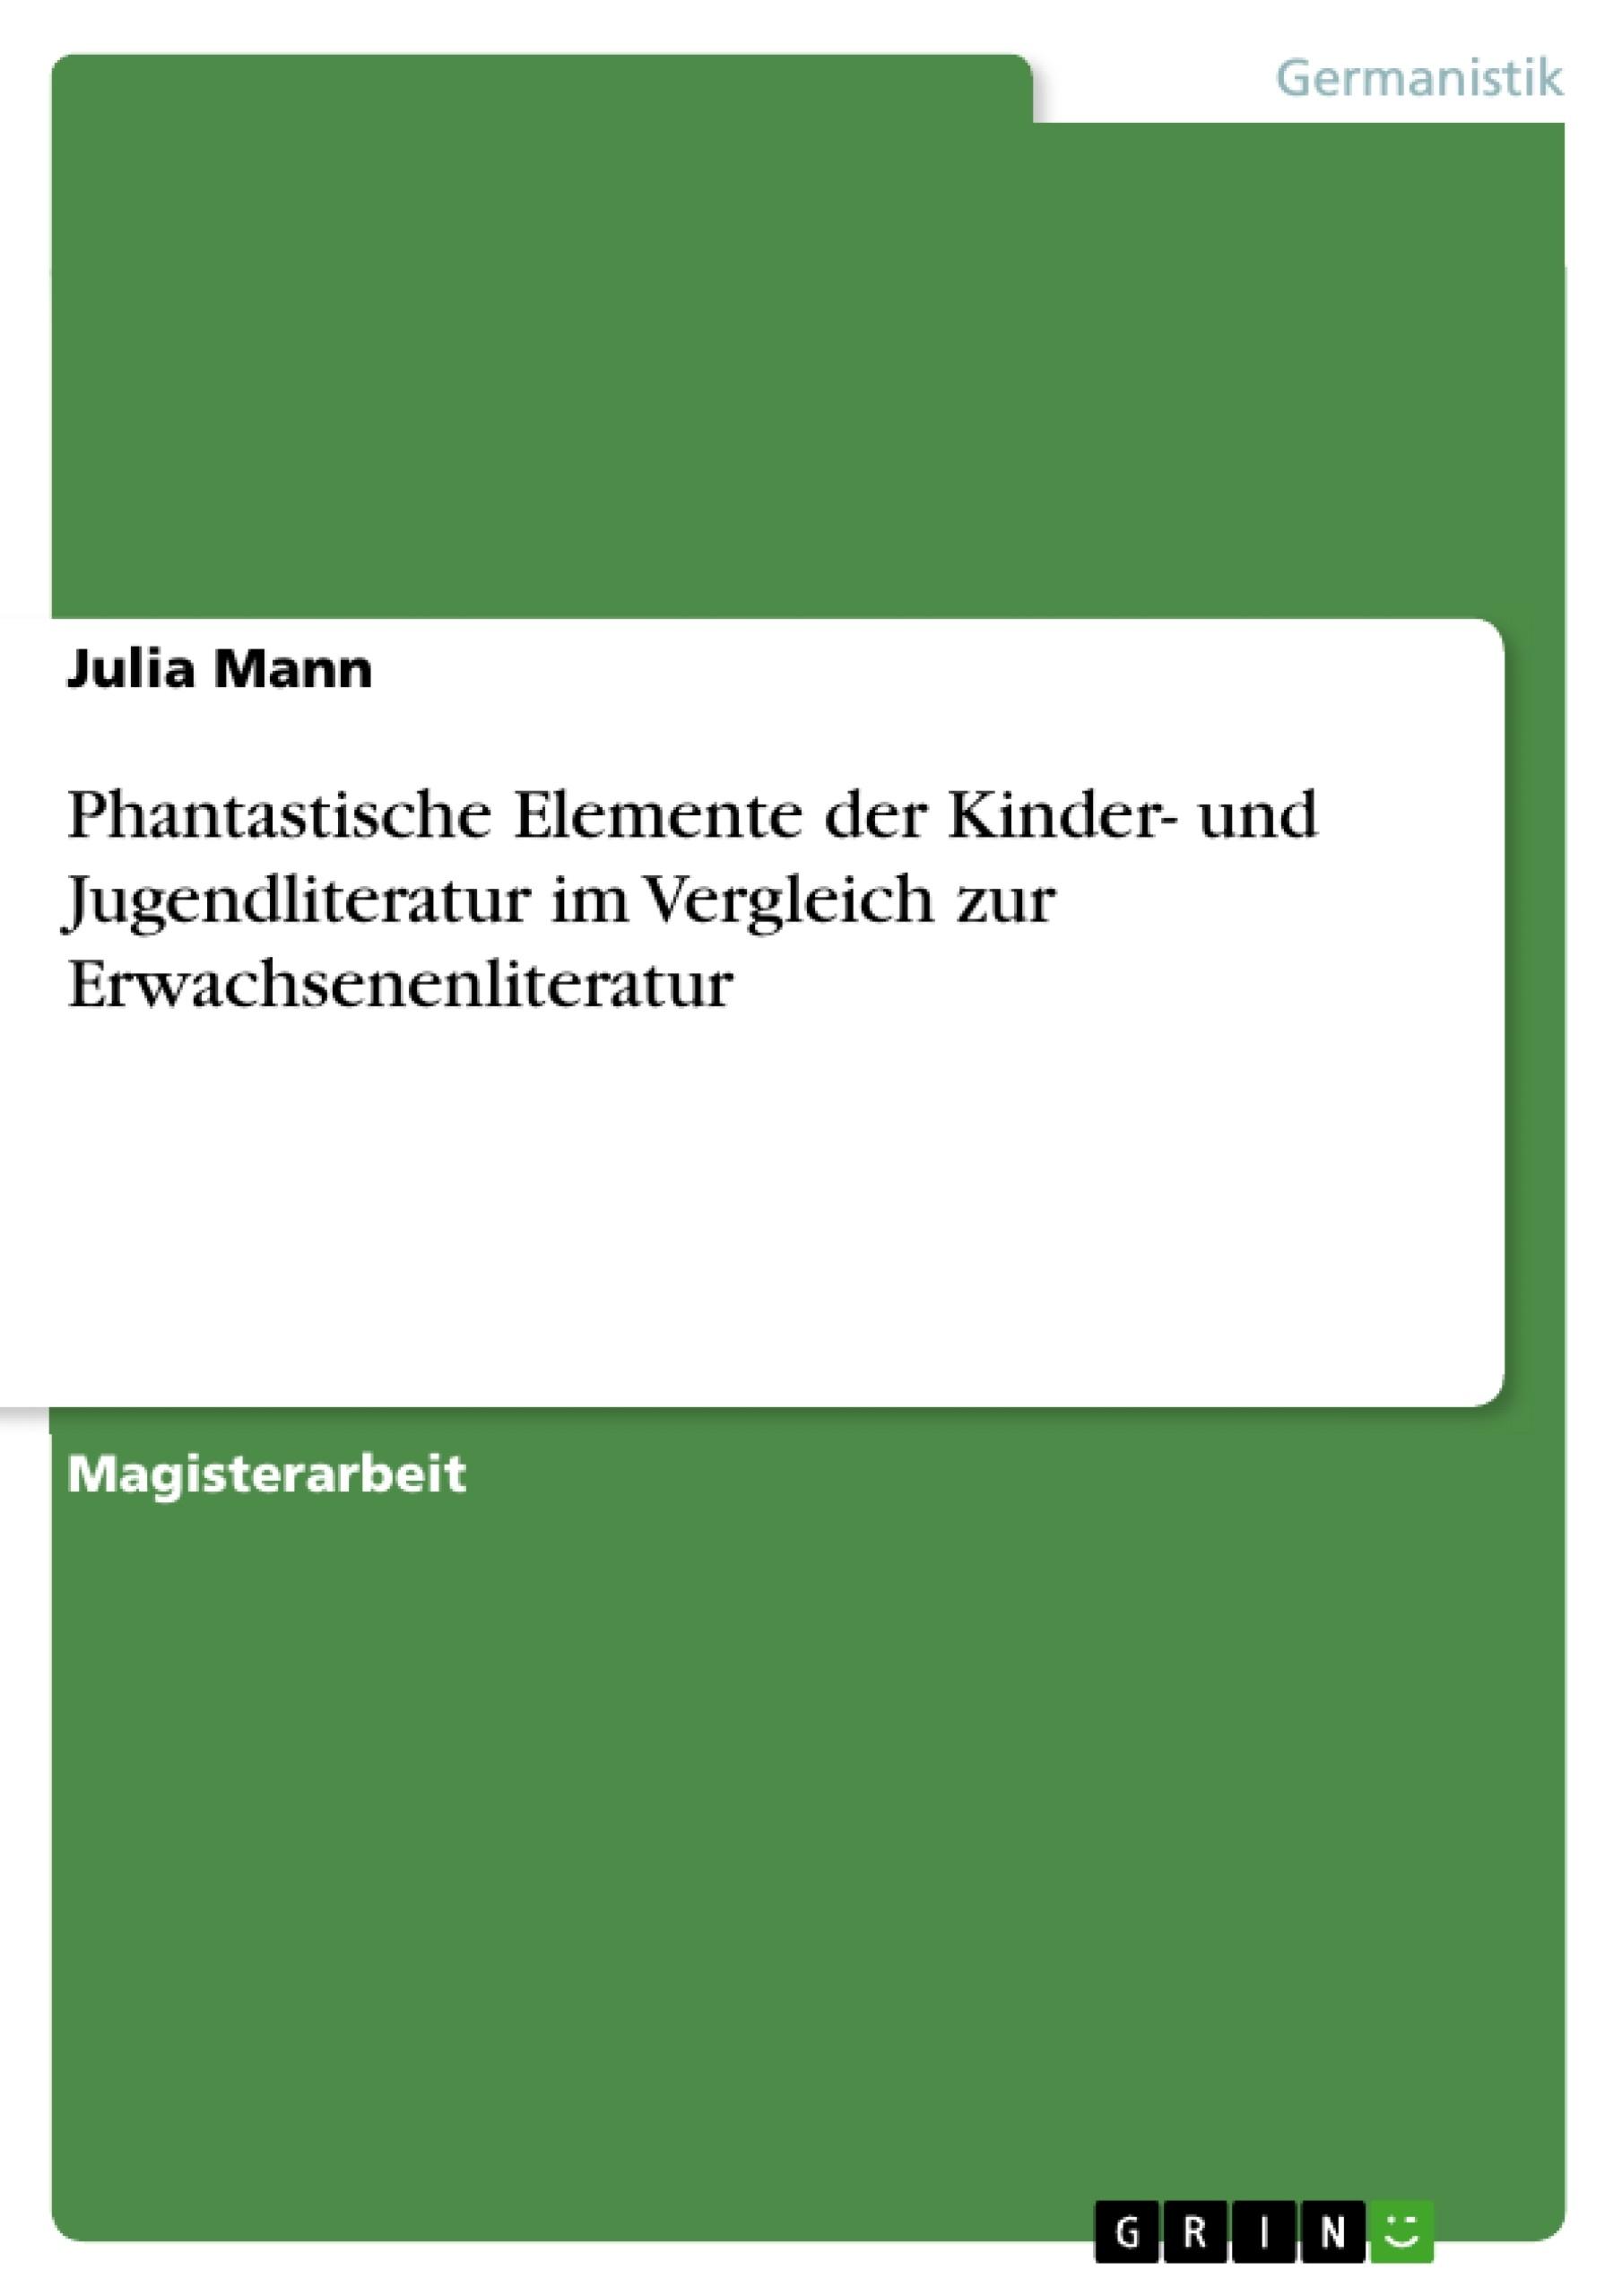 Titel: Phantastische Elemente der Kinder- und Jugendliteratur im Vergleich zur Erwachsenenliteratur